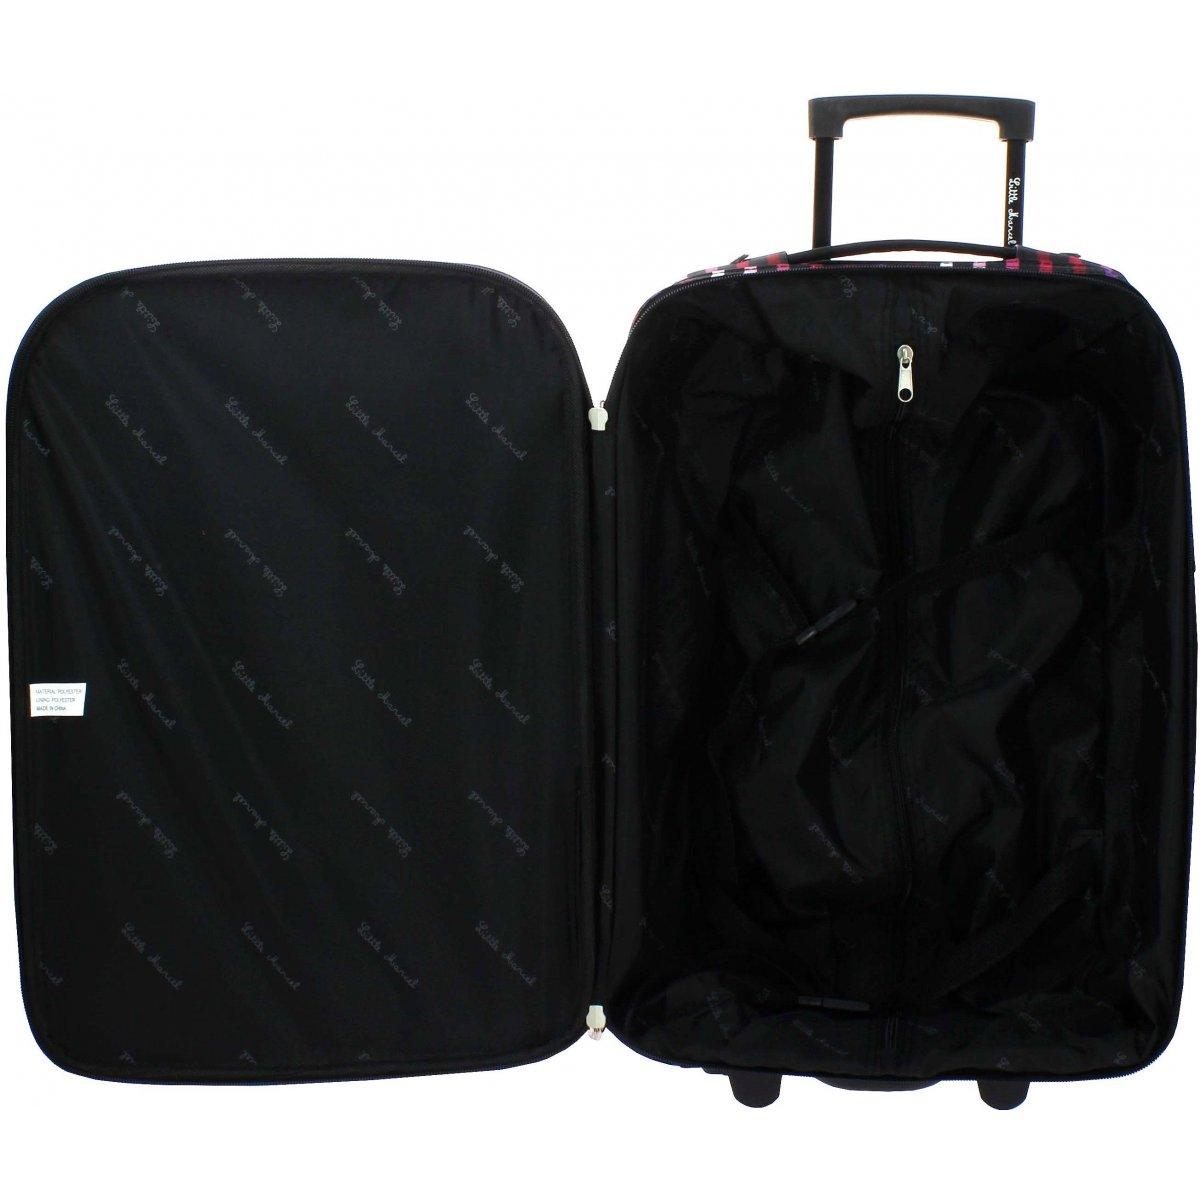 valise cabine ryanair et reporter little marcel marjo241. Black Bedroom Furniture Sets. Home Design Ideas